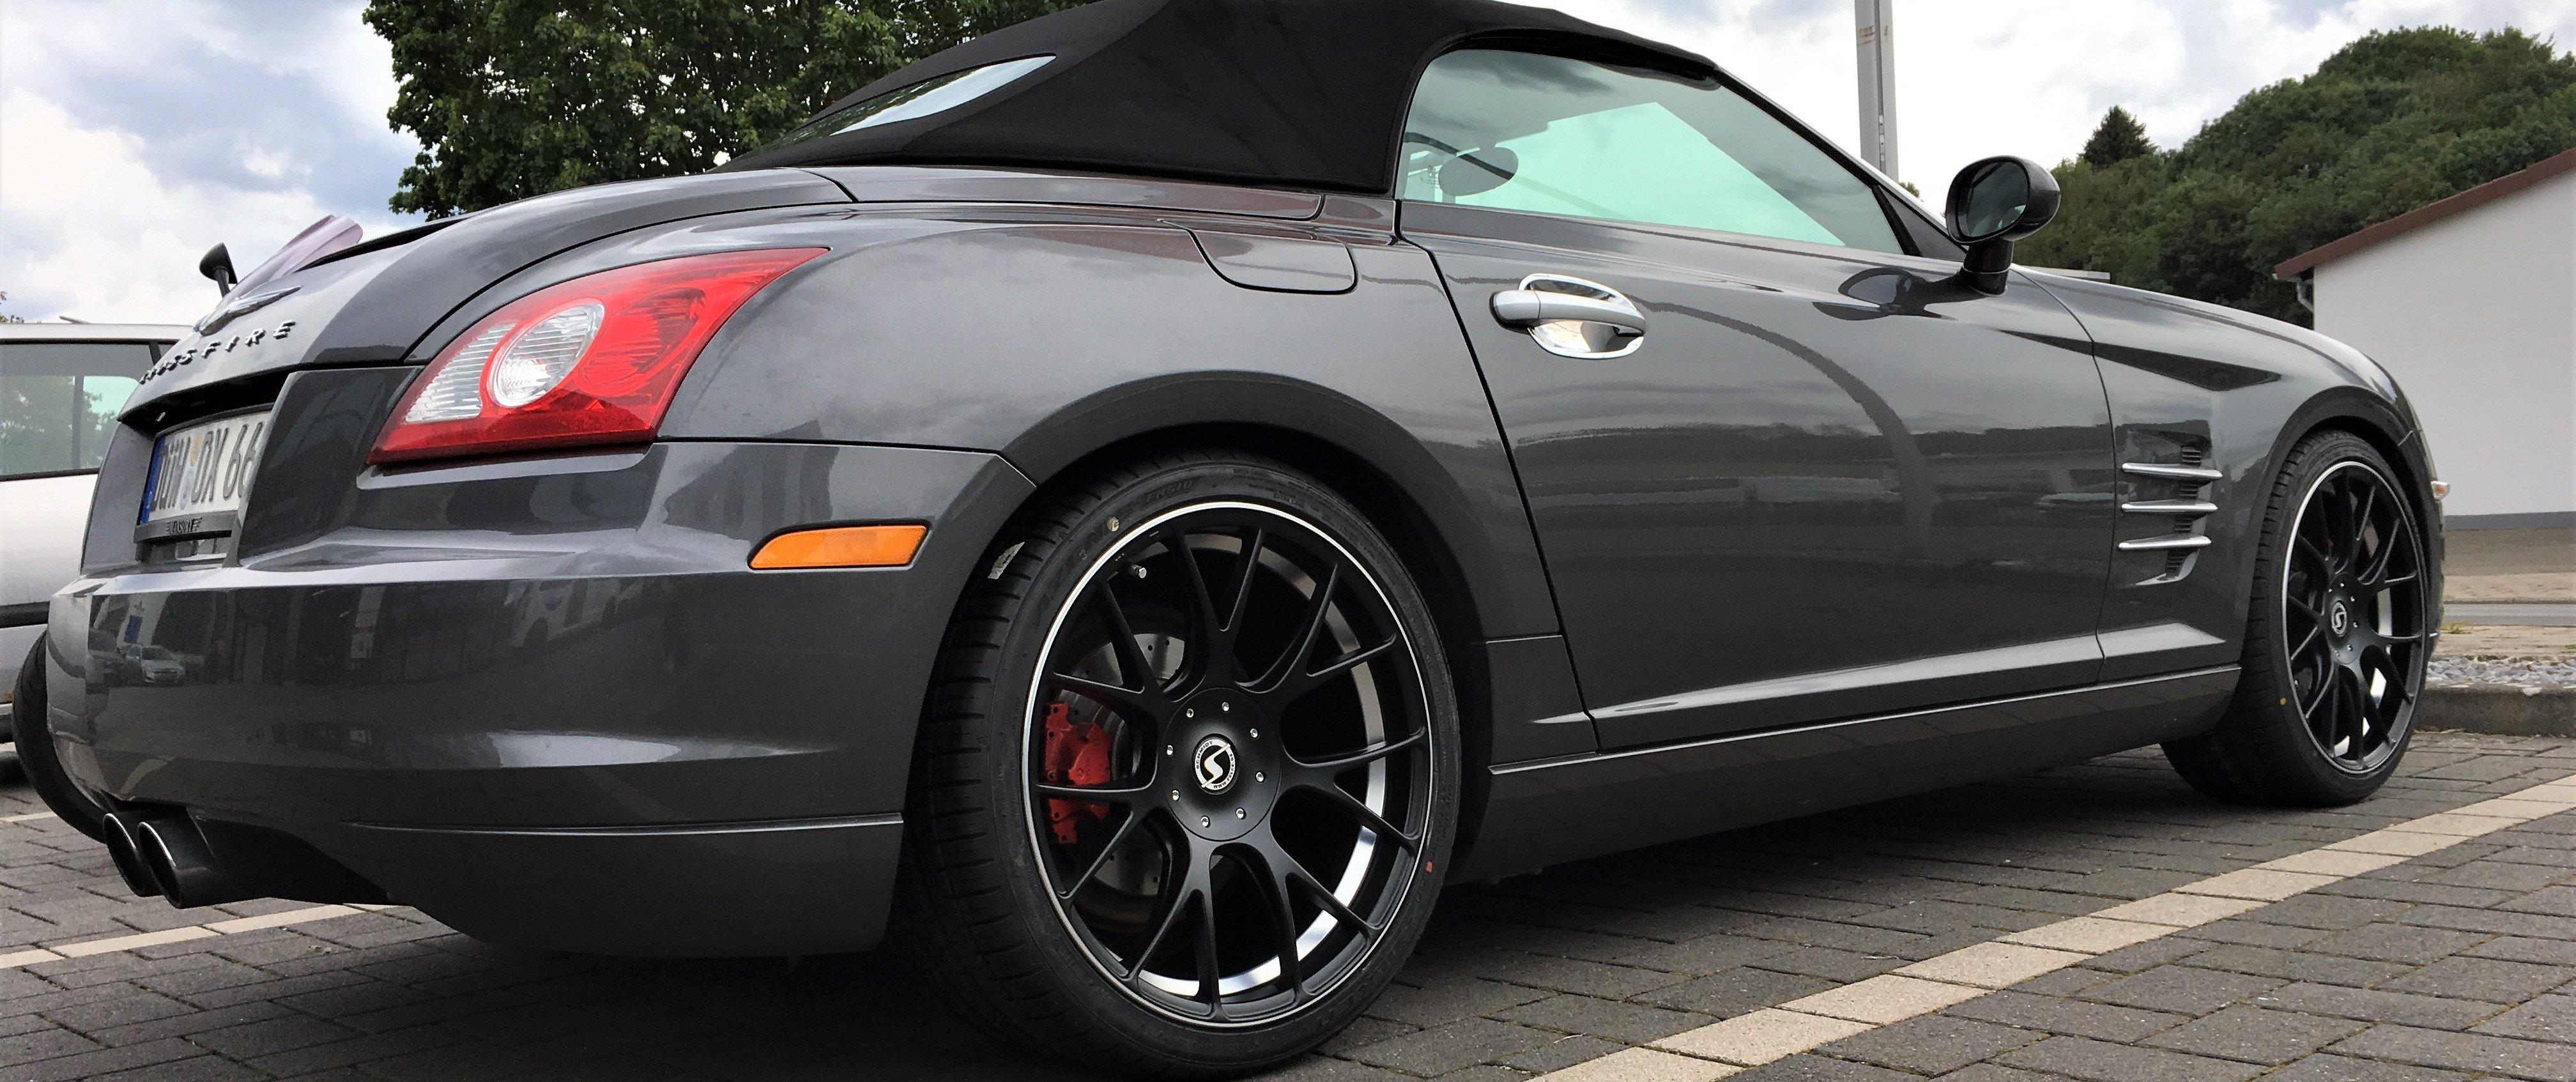 Chrysler – Crossfire – Schwarz – SCHMIDT – Gambit – Schwarz – 19 Zoll